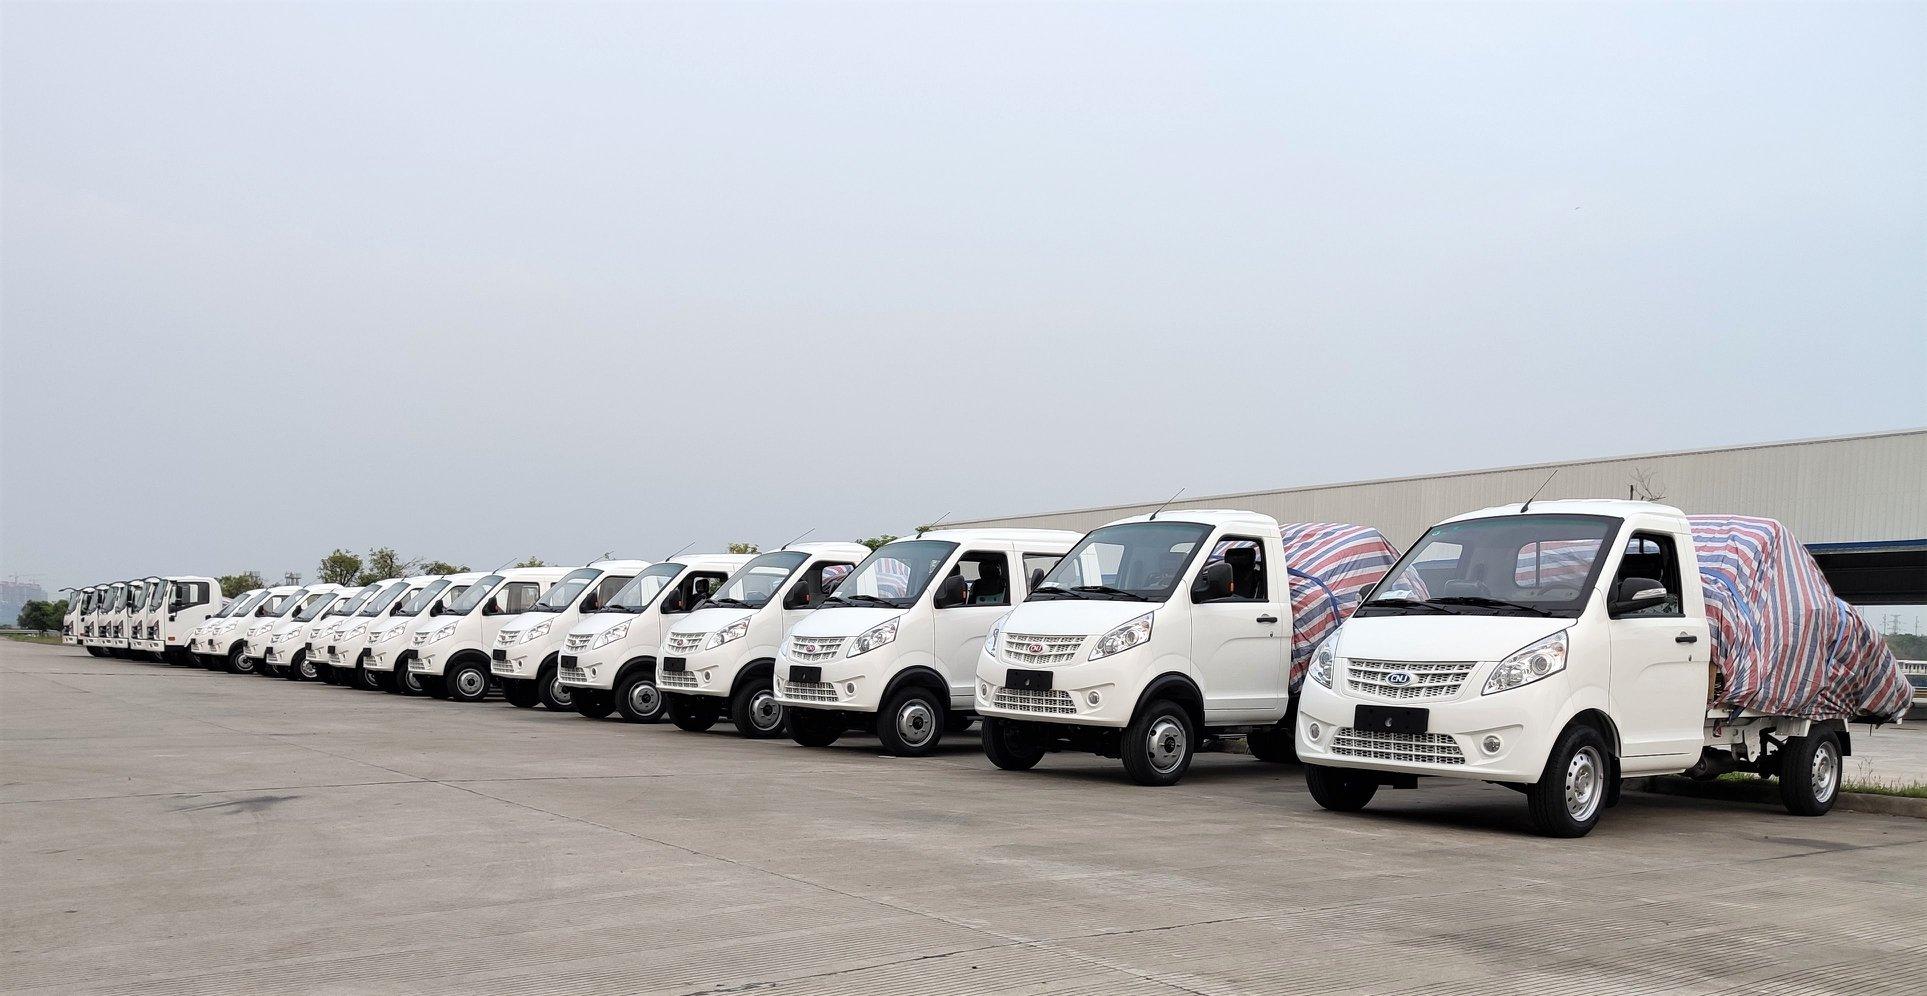 20-verse-witte-vrachtwagens--4-tons-lichte-vrachtwagens-en-2-ton-mini-trucks--zijn-klaar-voor-levering-naar-Madagaskar-2